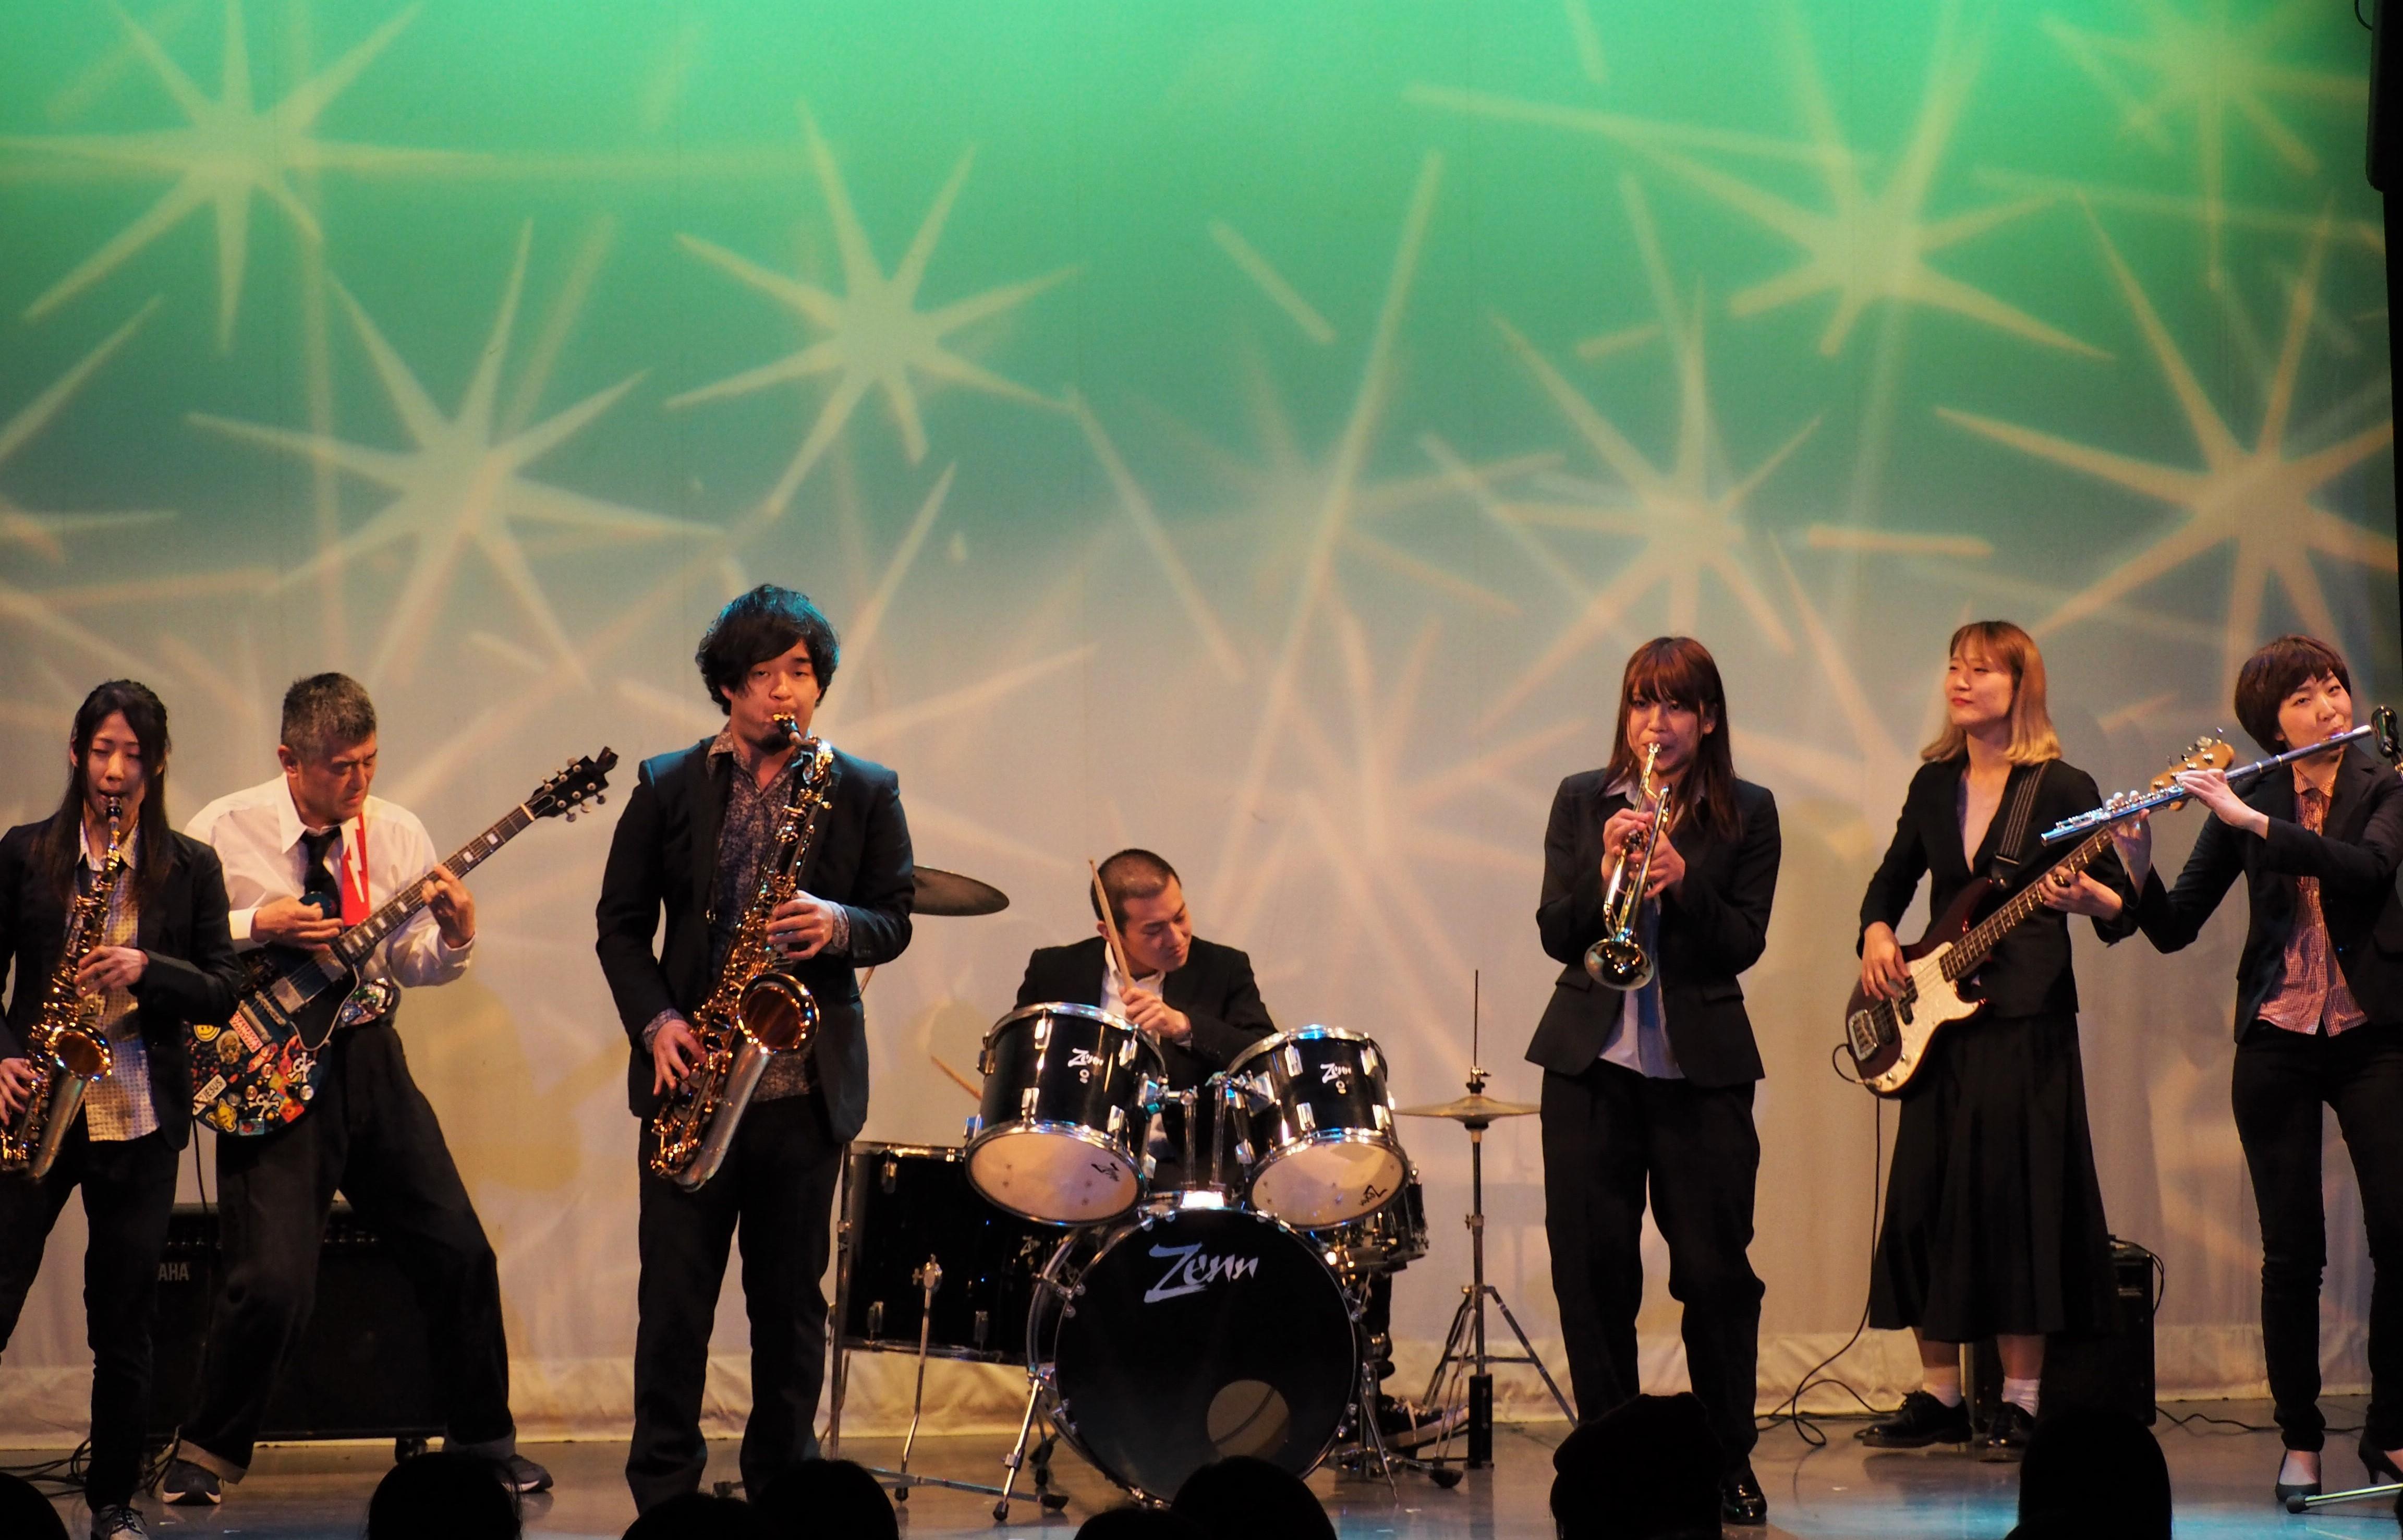 http://news.yoshimoto.co.jp/20180330195835-0c58aa73b5926c4e7ee24cc7878a9458fe5b2631.jpg